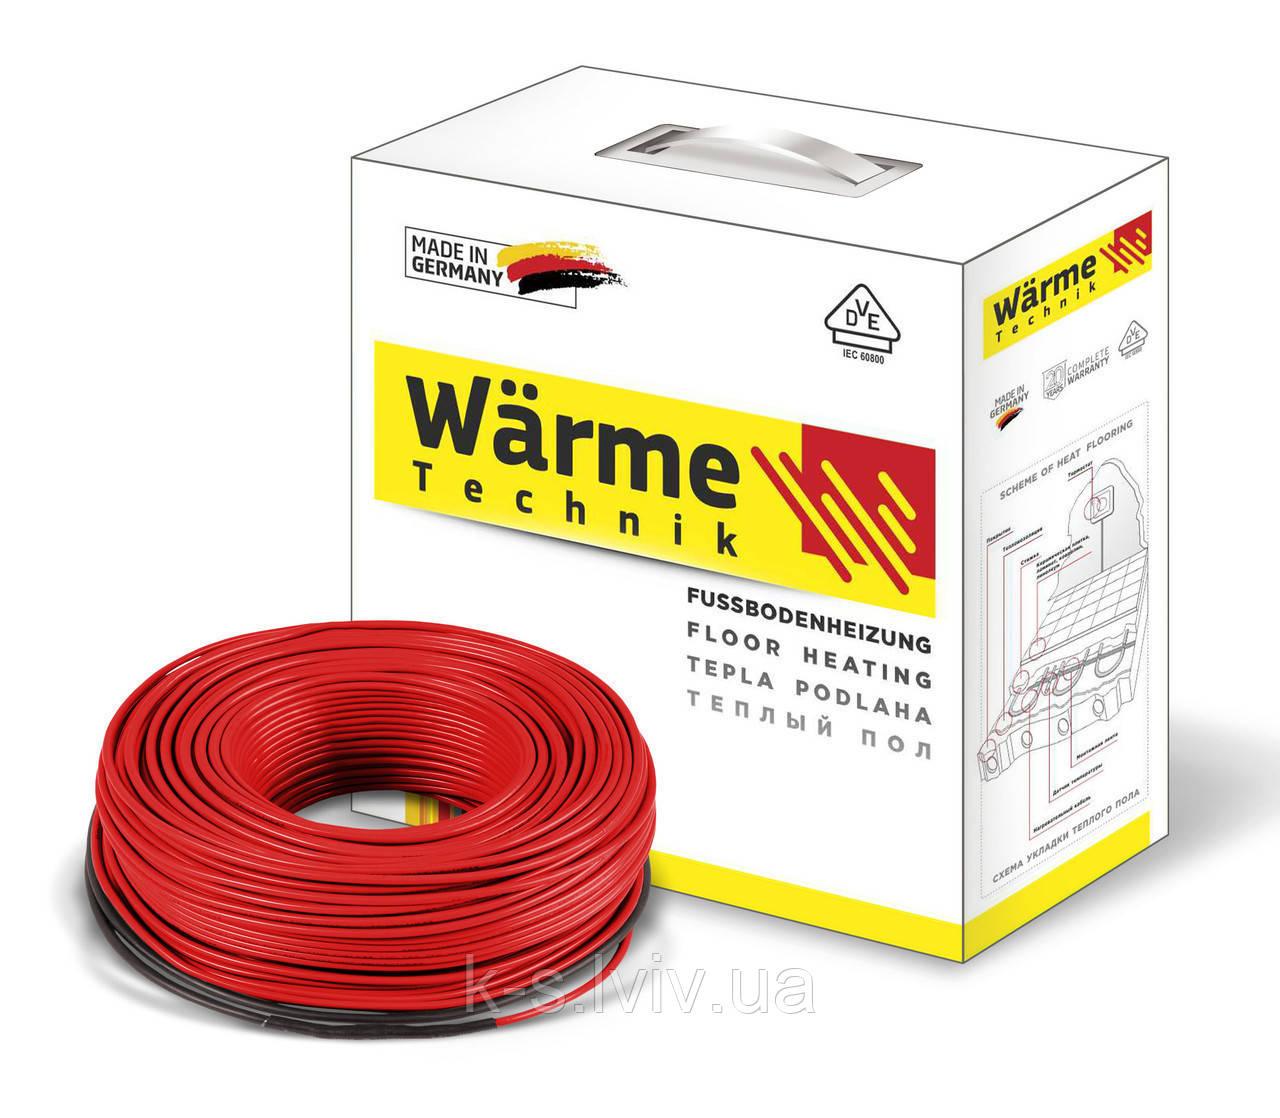 Двожильний нагрівальний тонкій кабель Варм (Wärme) Twin flex cable  - 750/ 4,0-5,0м²